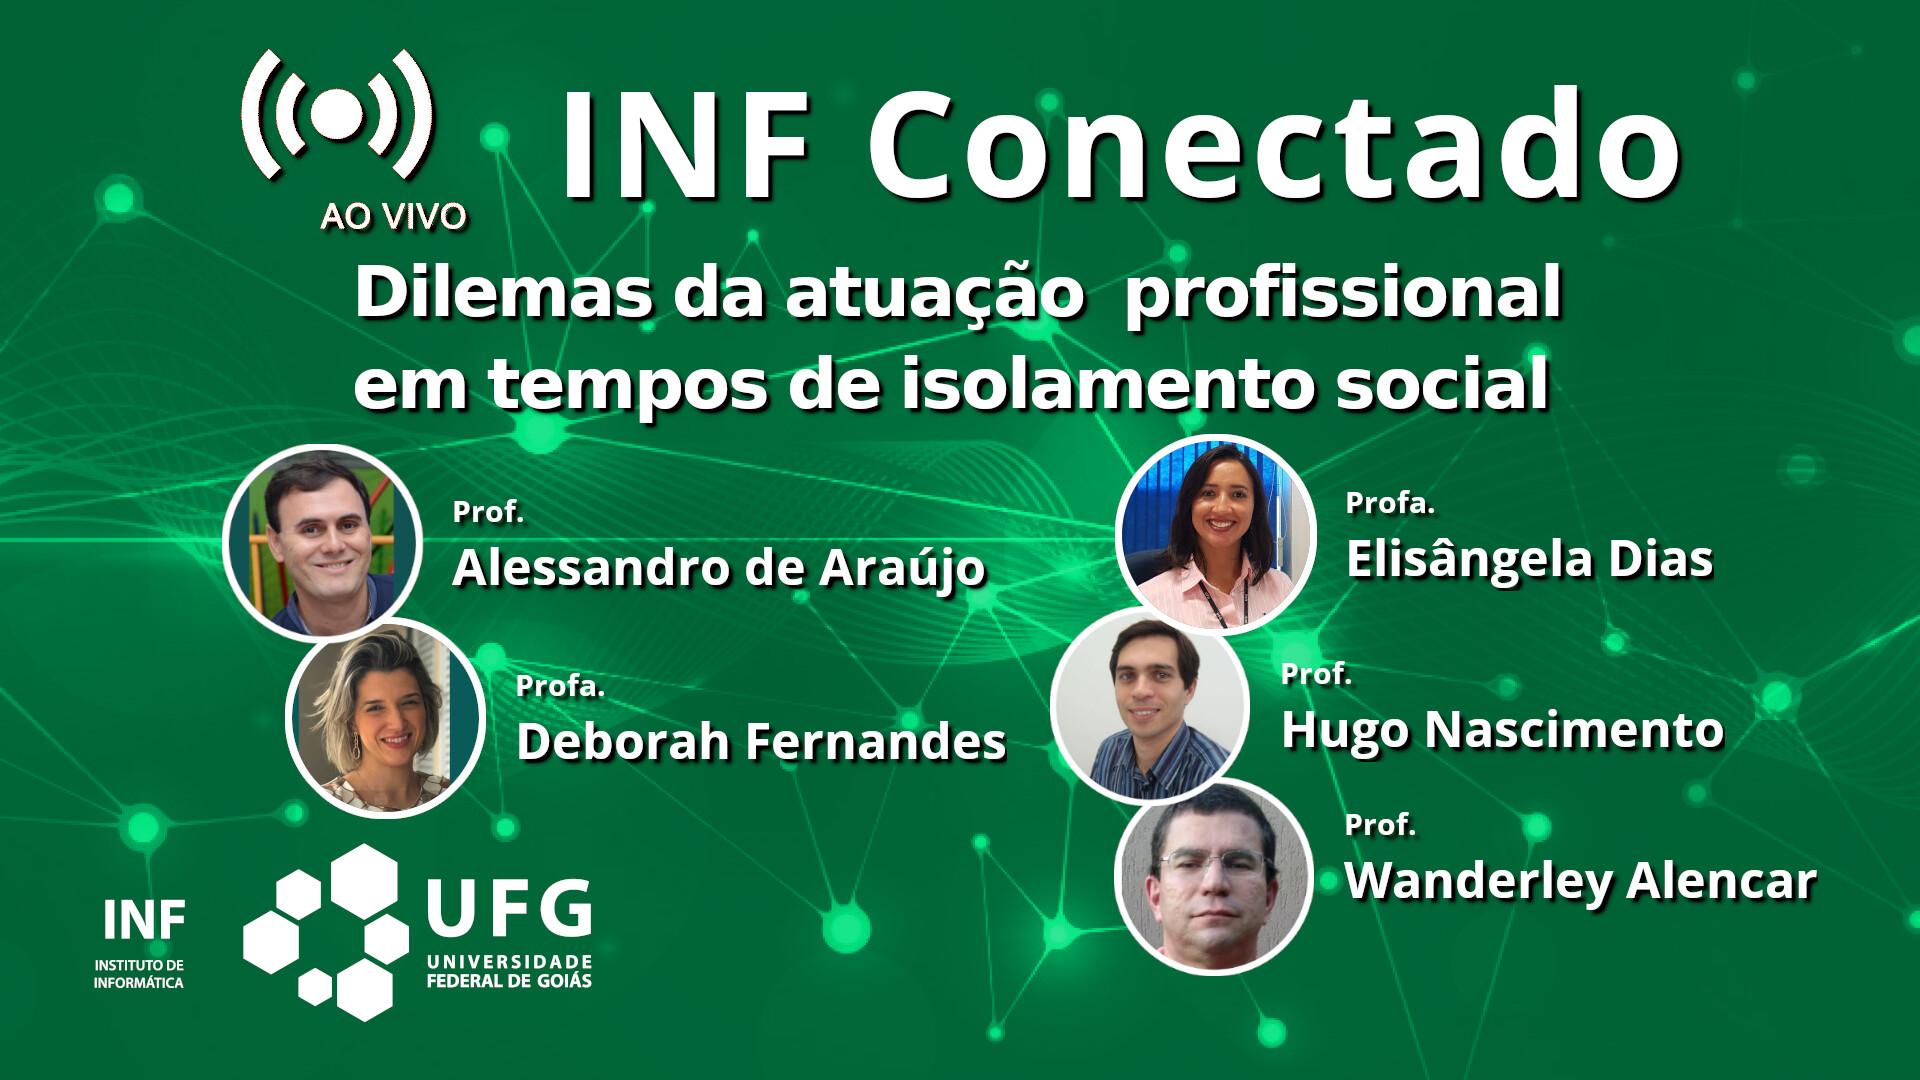 INF Conectado - YouTube - 01